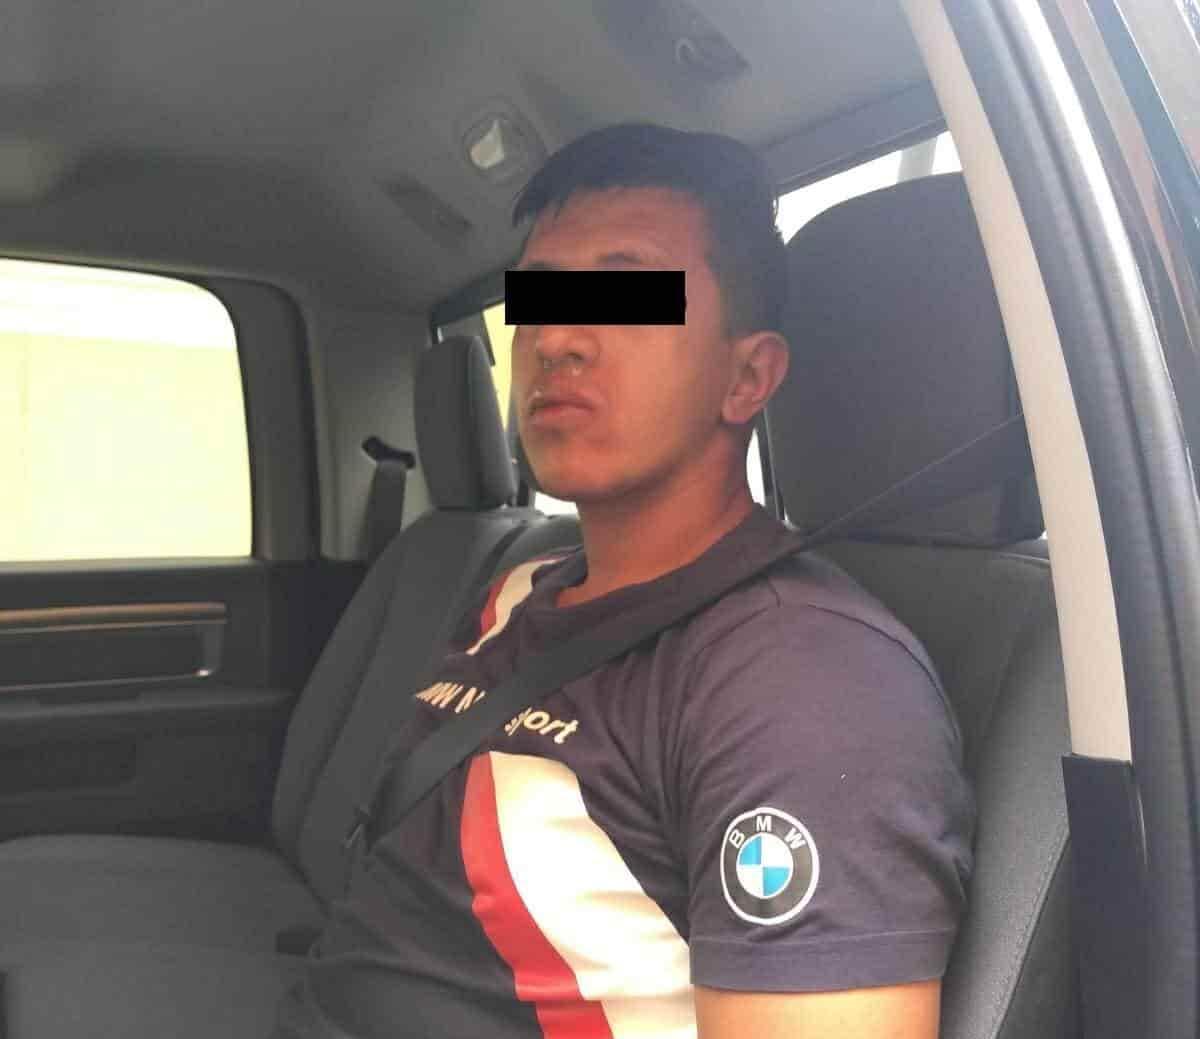 Fue sorprendido realizando actos inmorales a bordo de su vehículo